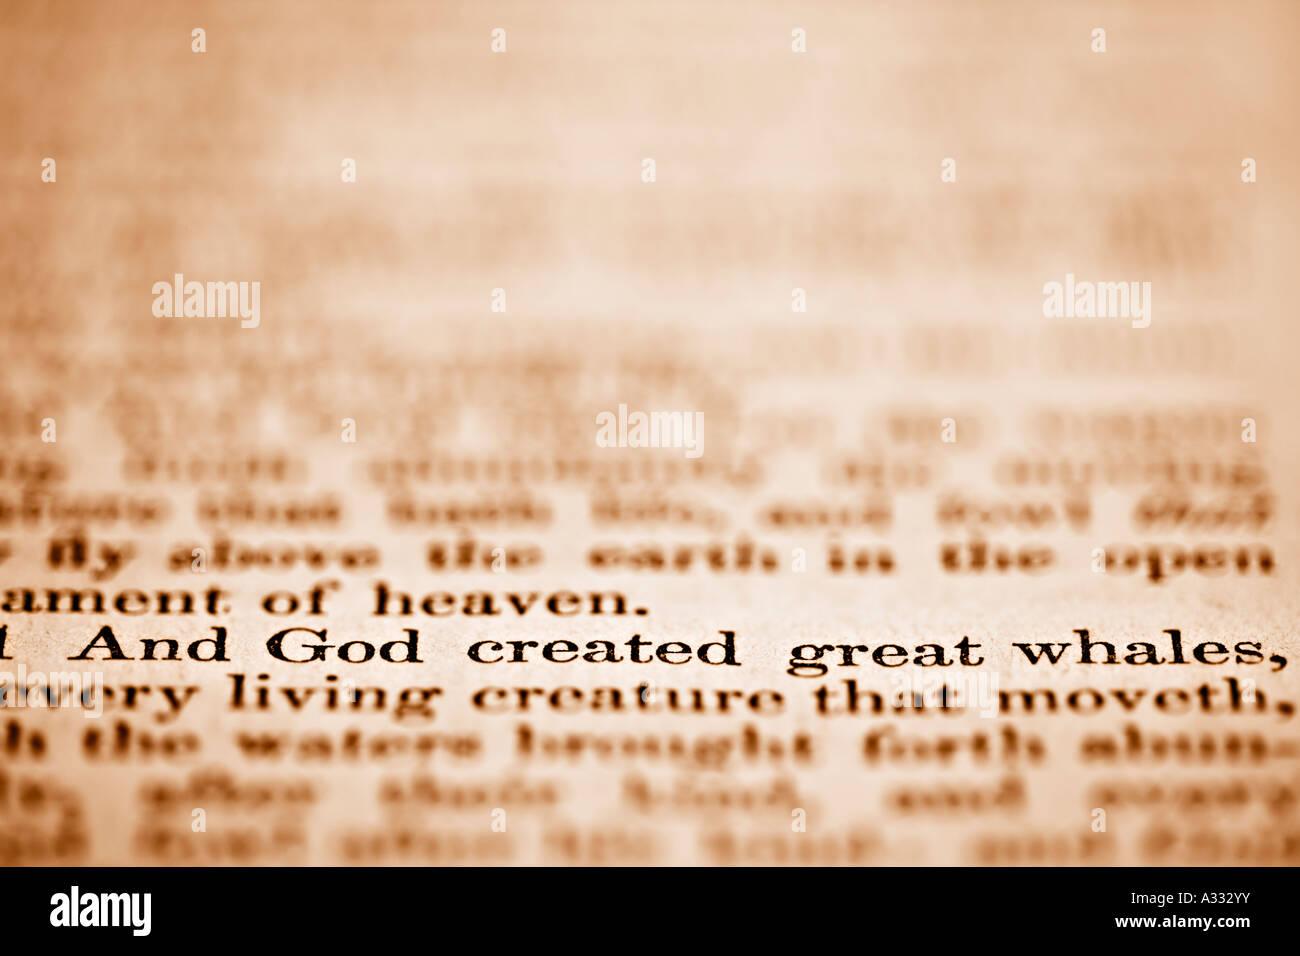 La Bible genèse Chapitre 1 Et Dieu créa les grands poissons Photo Stock